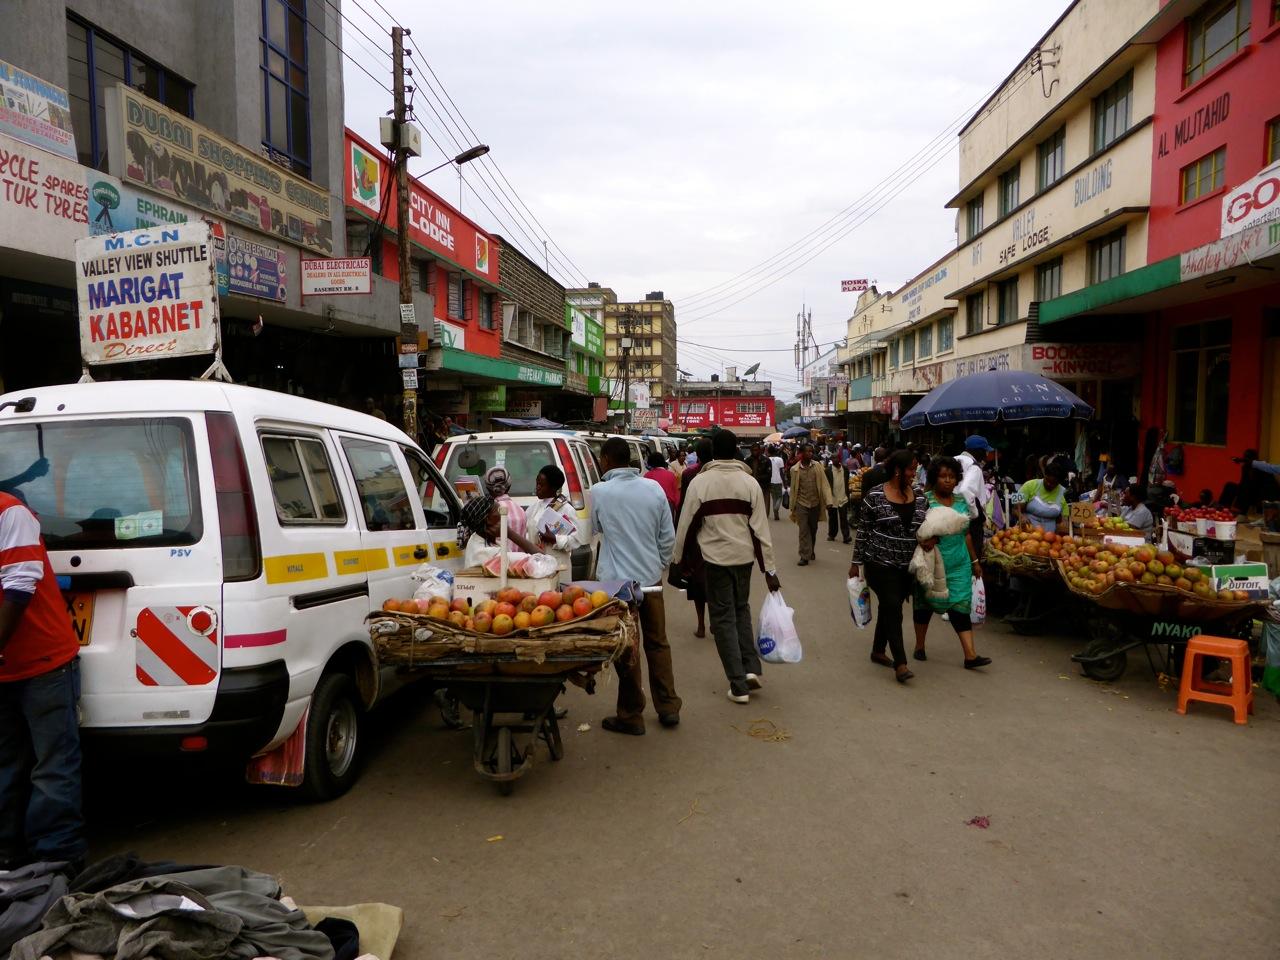 Kenya: Quận Nakuru bị lên án chi tiêu ngân sách lãng phí